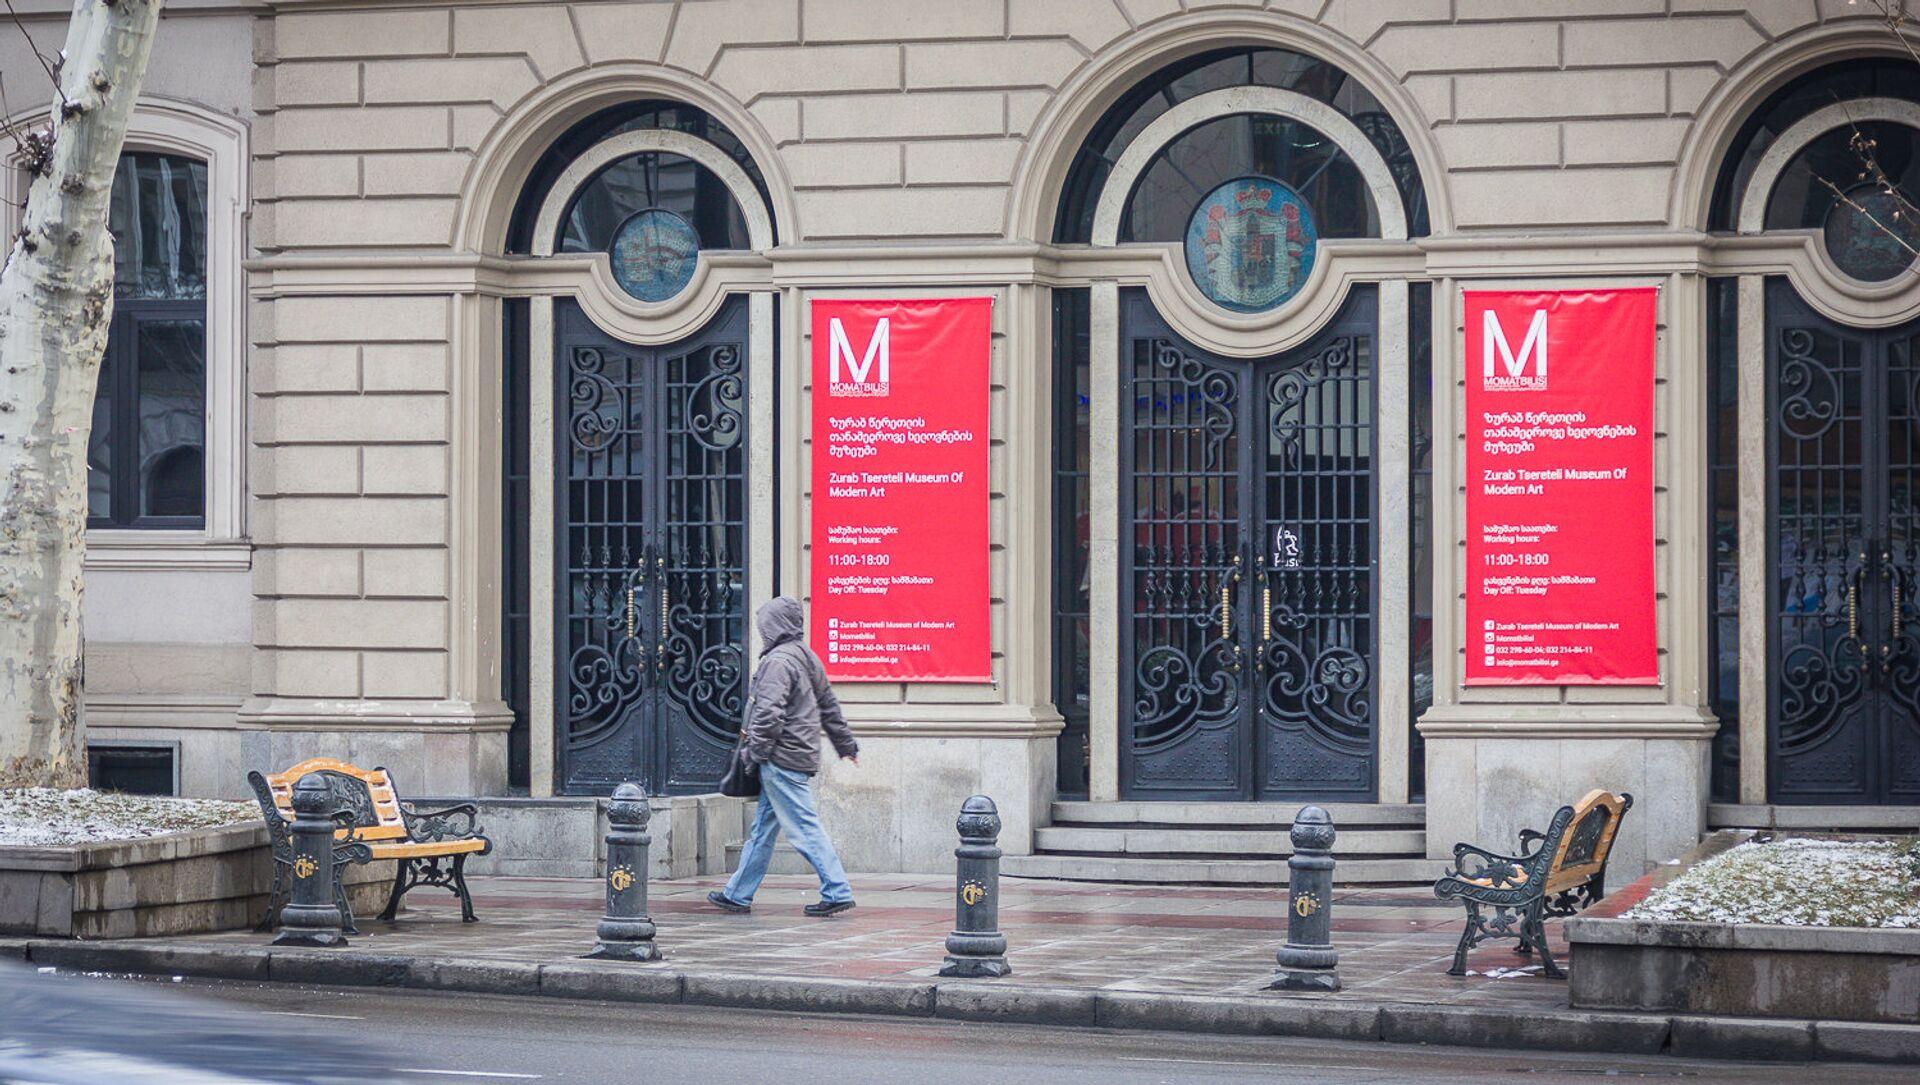 Музей современного искусства Зураба Церетели - Художественная галерея MOMA Tbilisi  - Sputnik Грузия, 1920, 11.03.2021